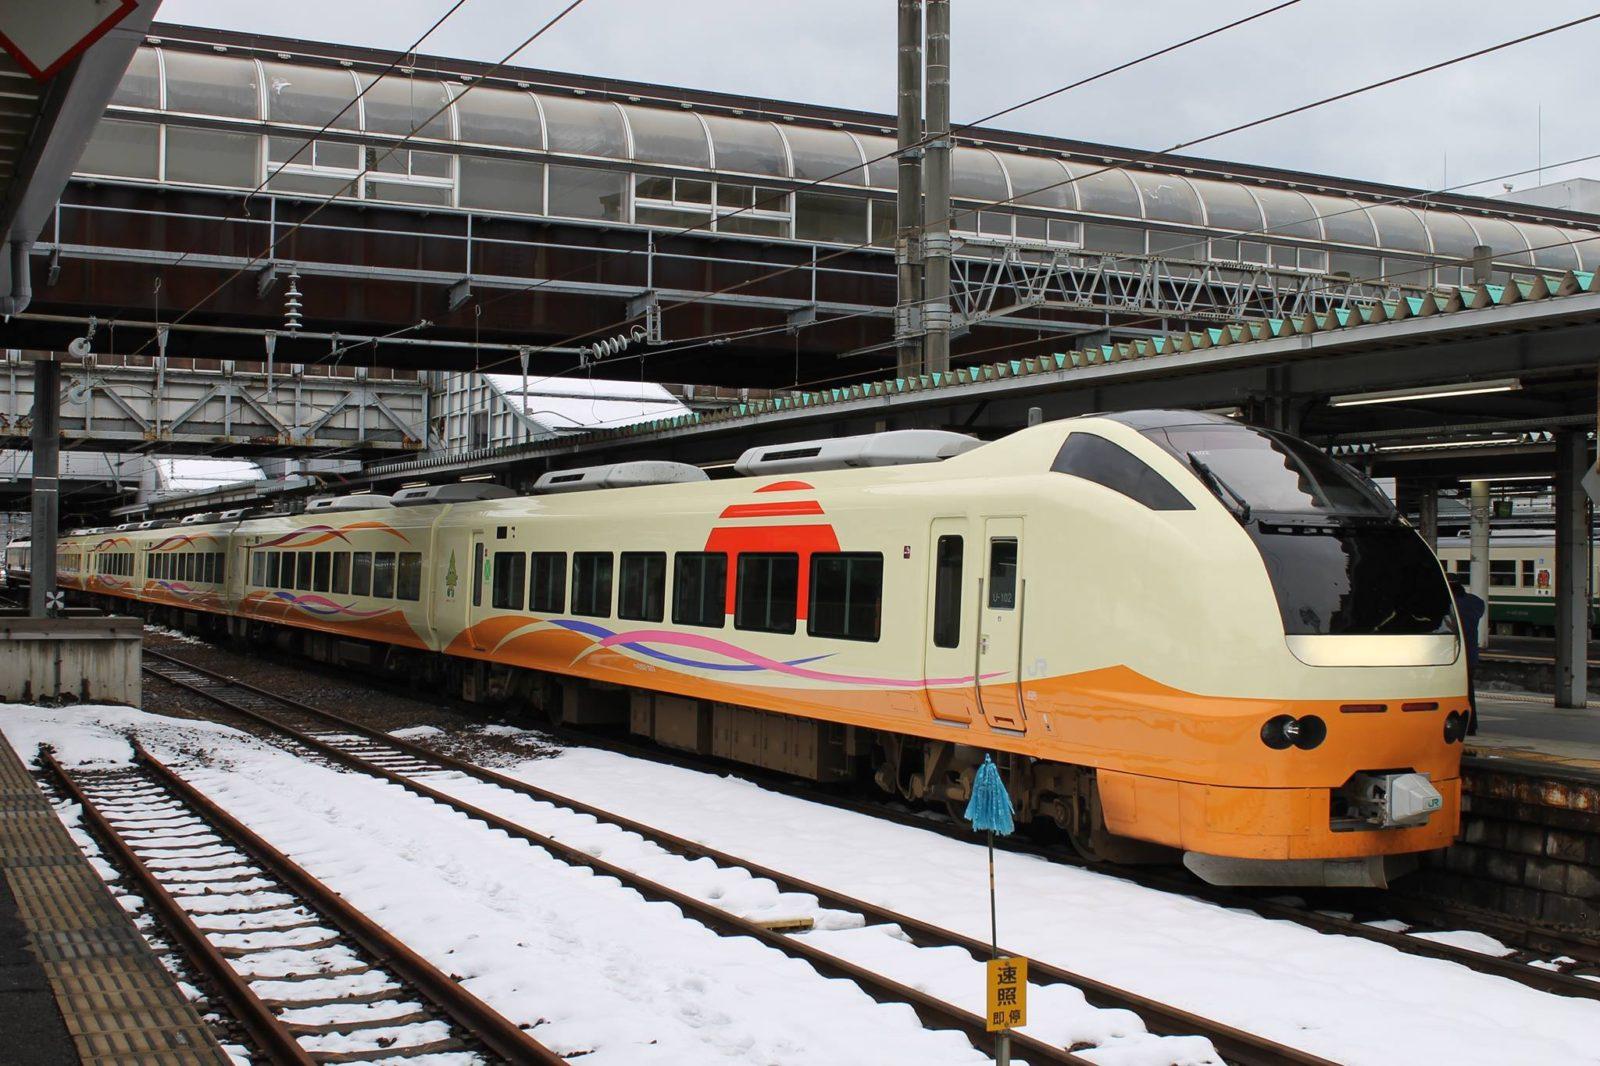 Intercity transfer between Niigata and Akita, Limited Express Inaho